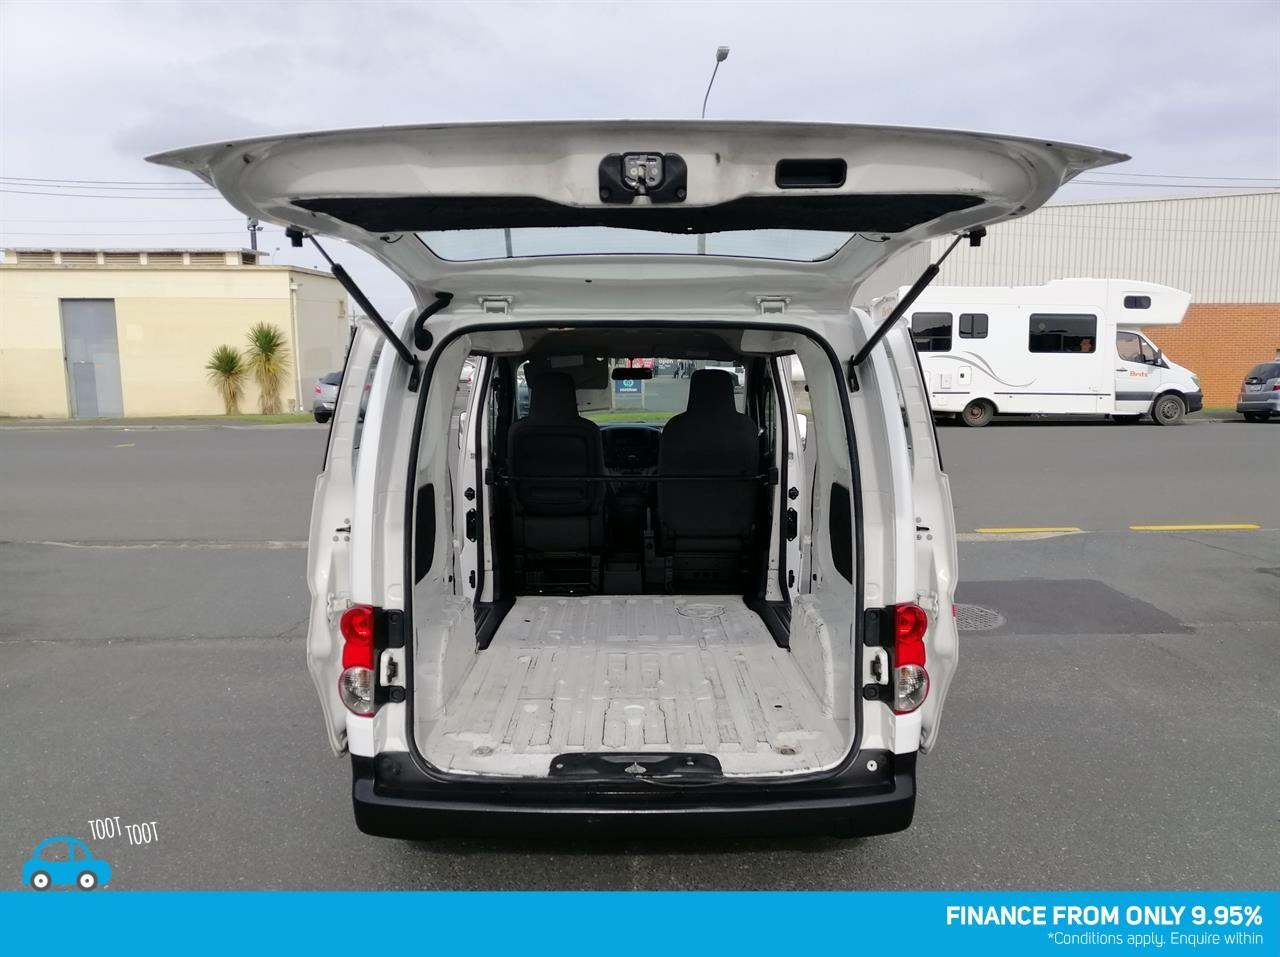 image-9, 2012 Nissan NV200 Vanette at Dunedin